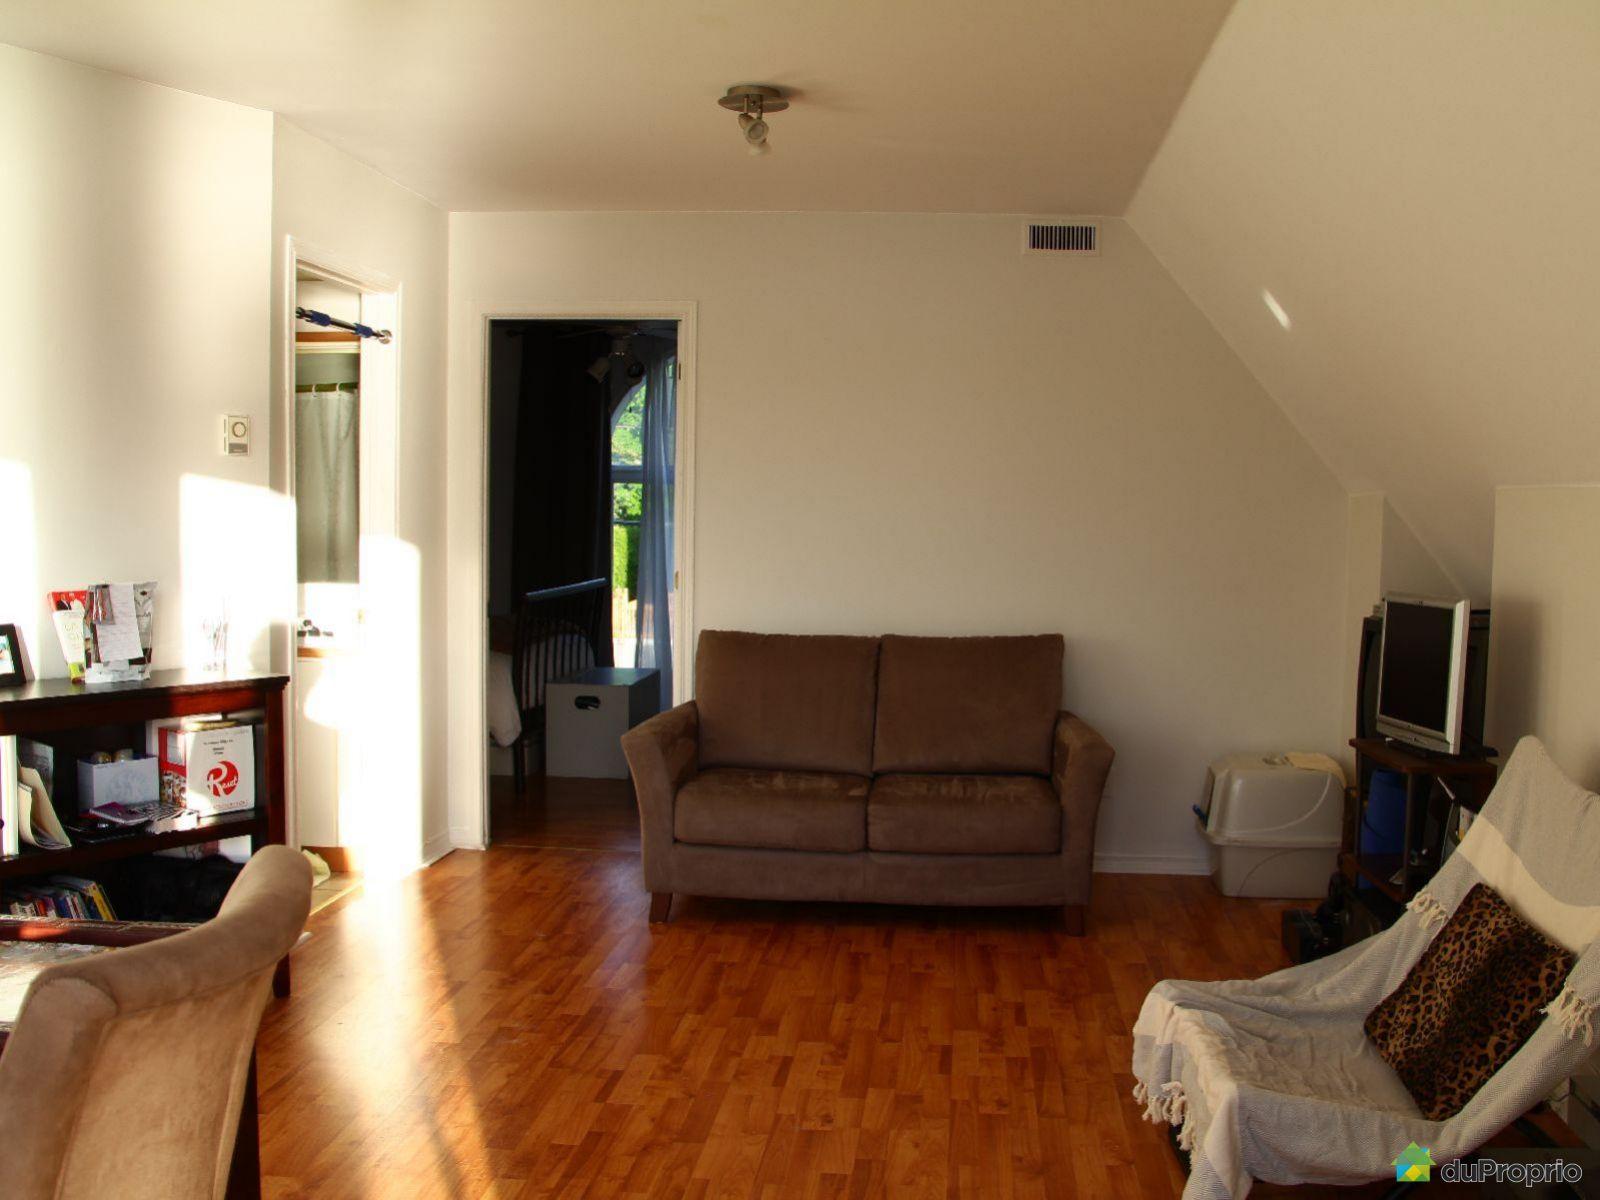 Maison vendre st augustin de desmaures 3118 rue for Salon du logement